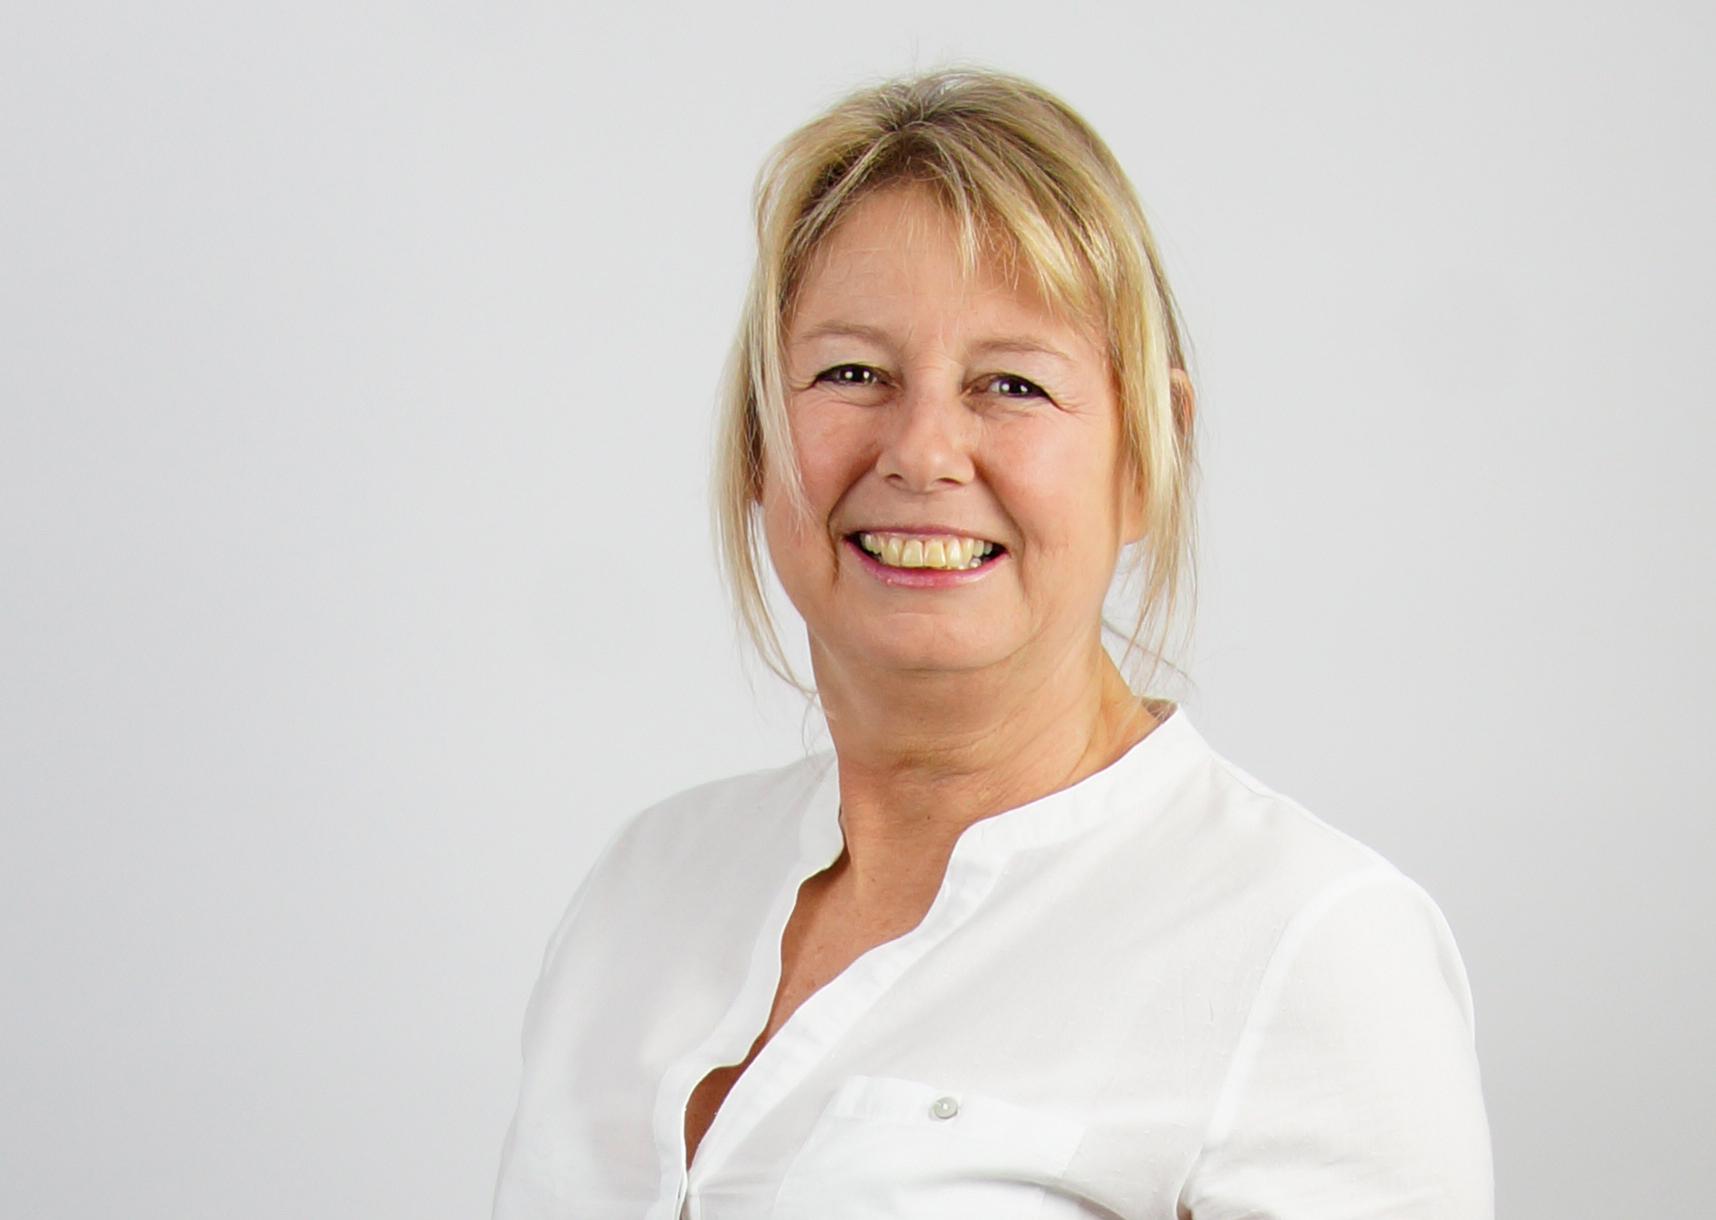 Christiane Baurichter